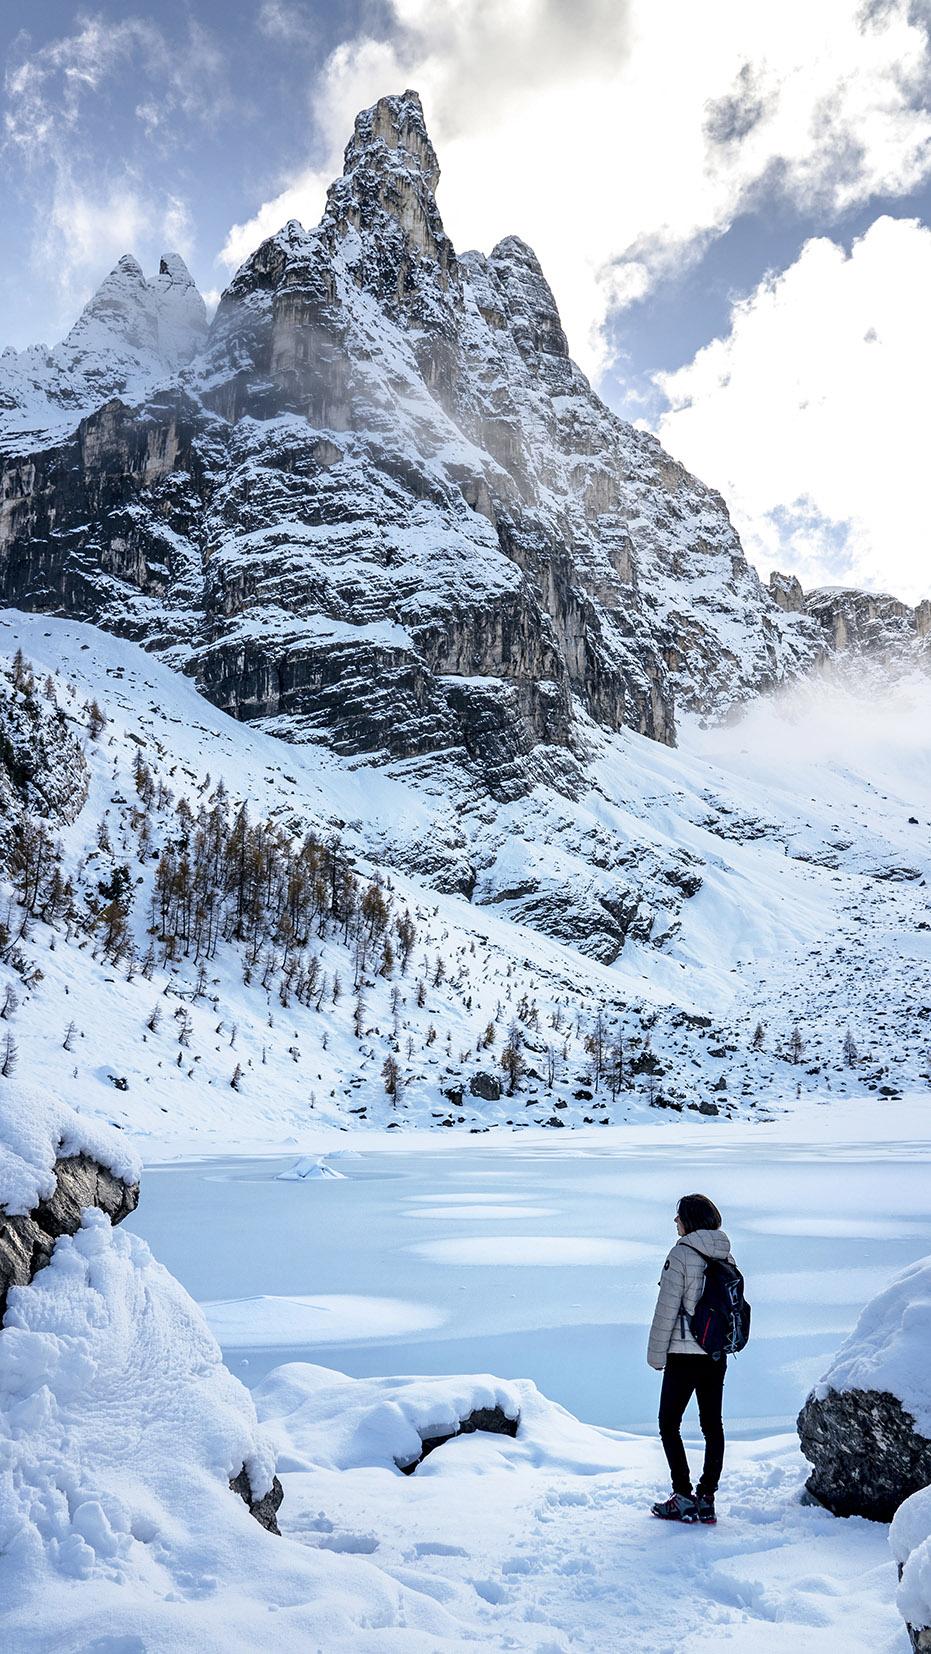 Une semaine dans les Dolomites lago di Sorapis montagnes lac gelé vert neige